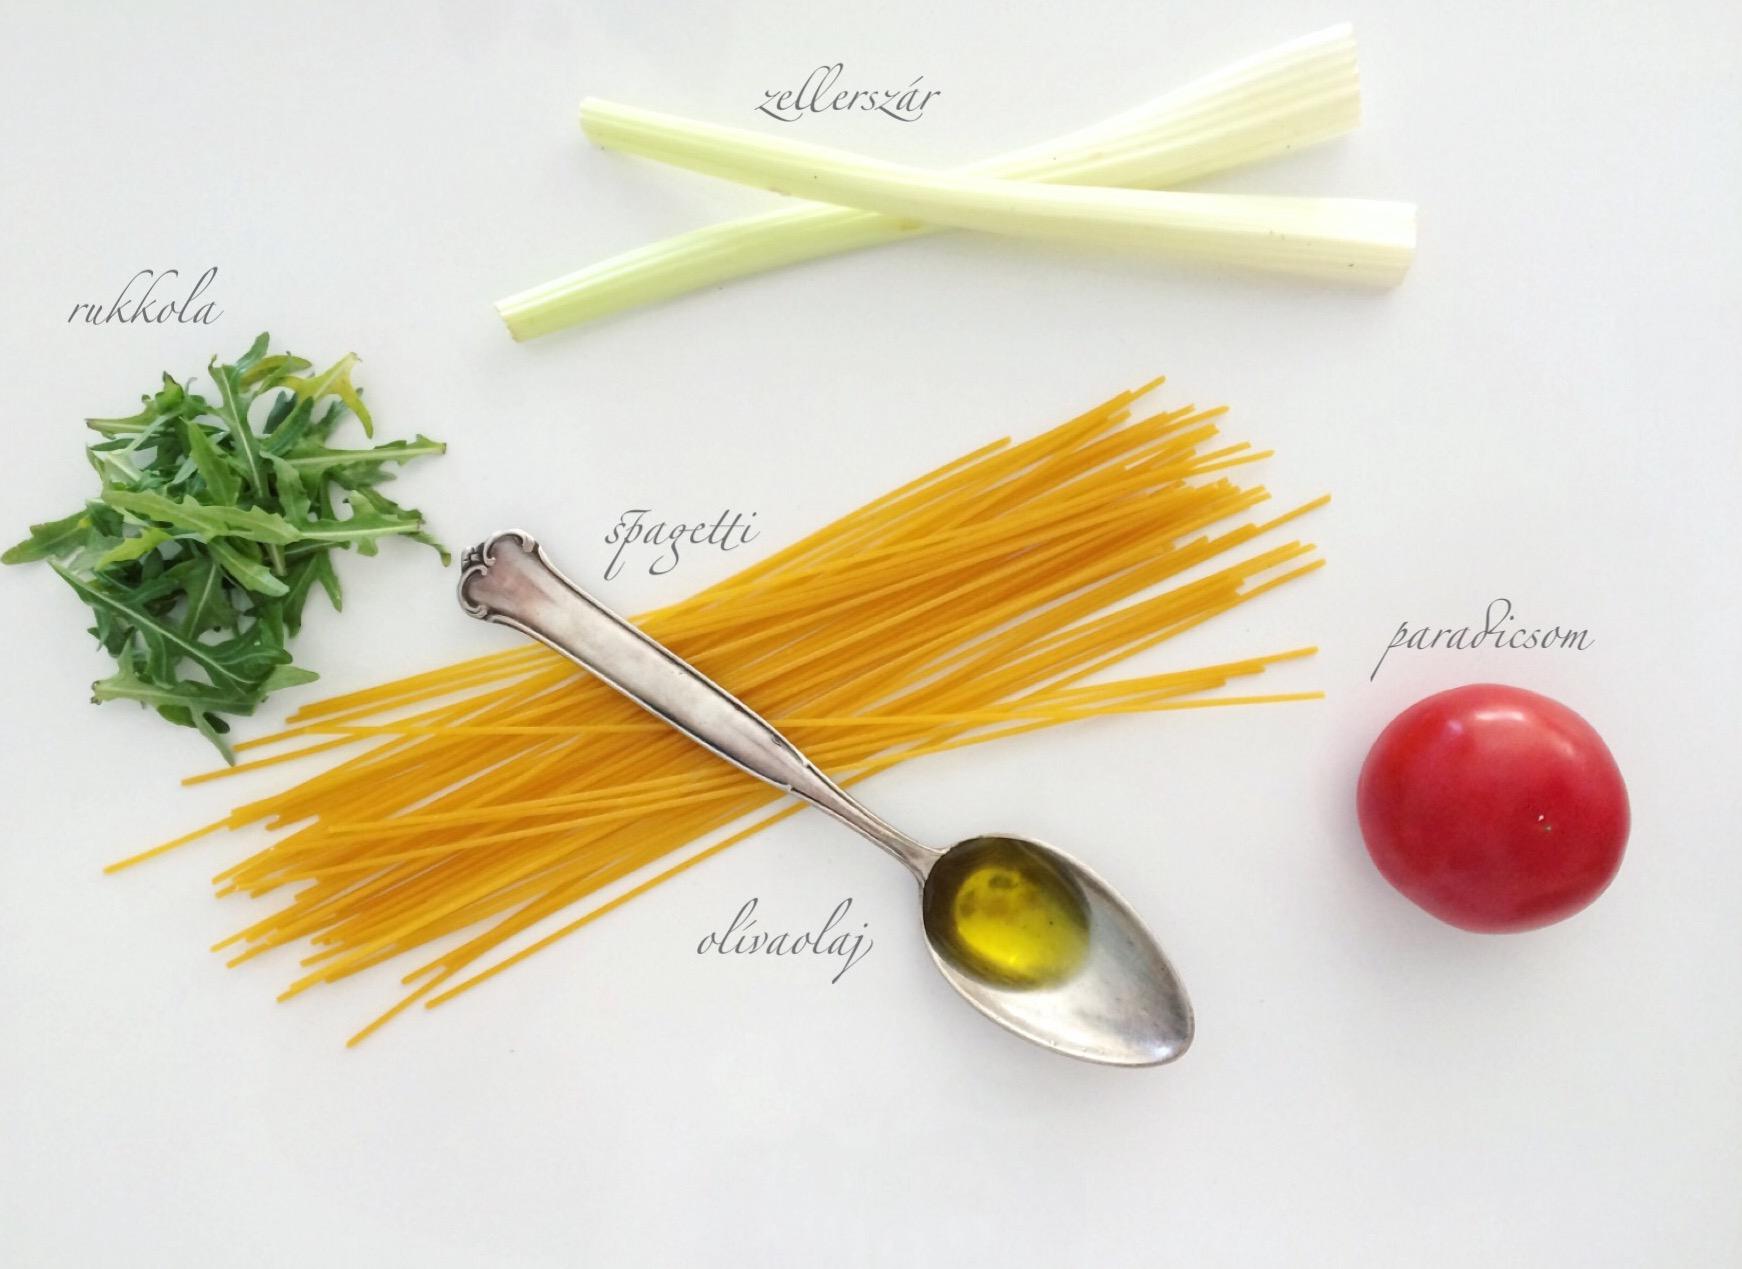 glutenmentes-rukkolas-spagetti-5-hozzavalobol_a-hozzavalok.jpg